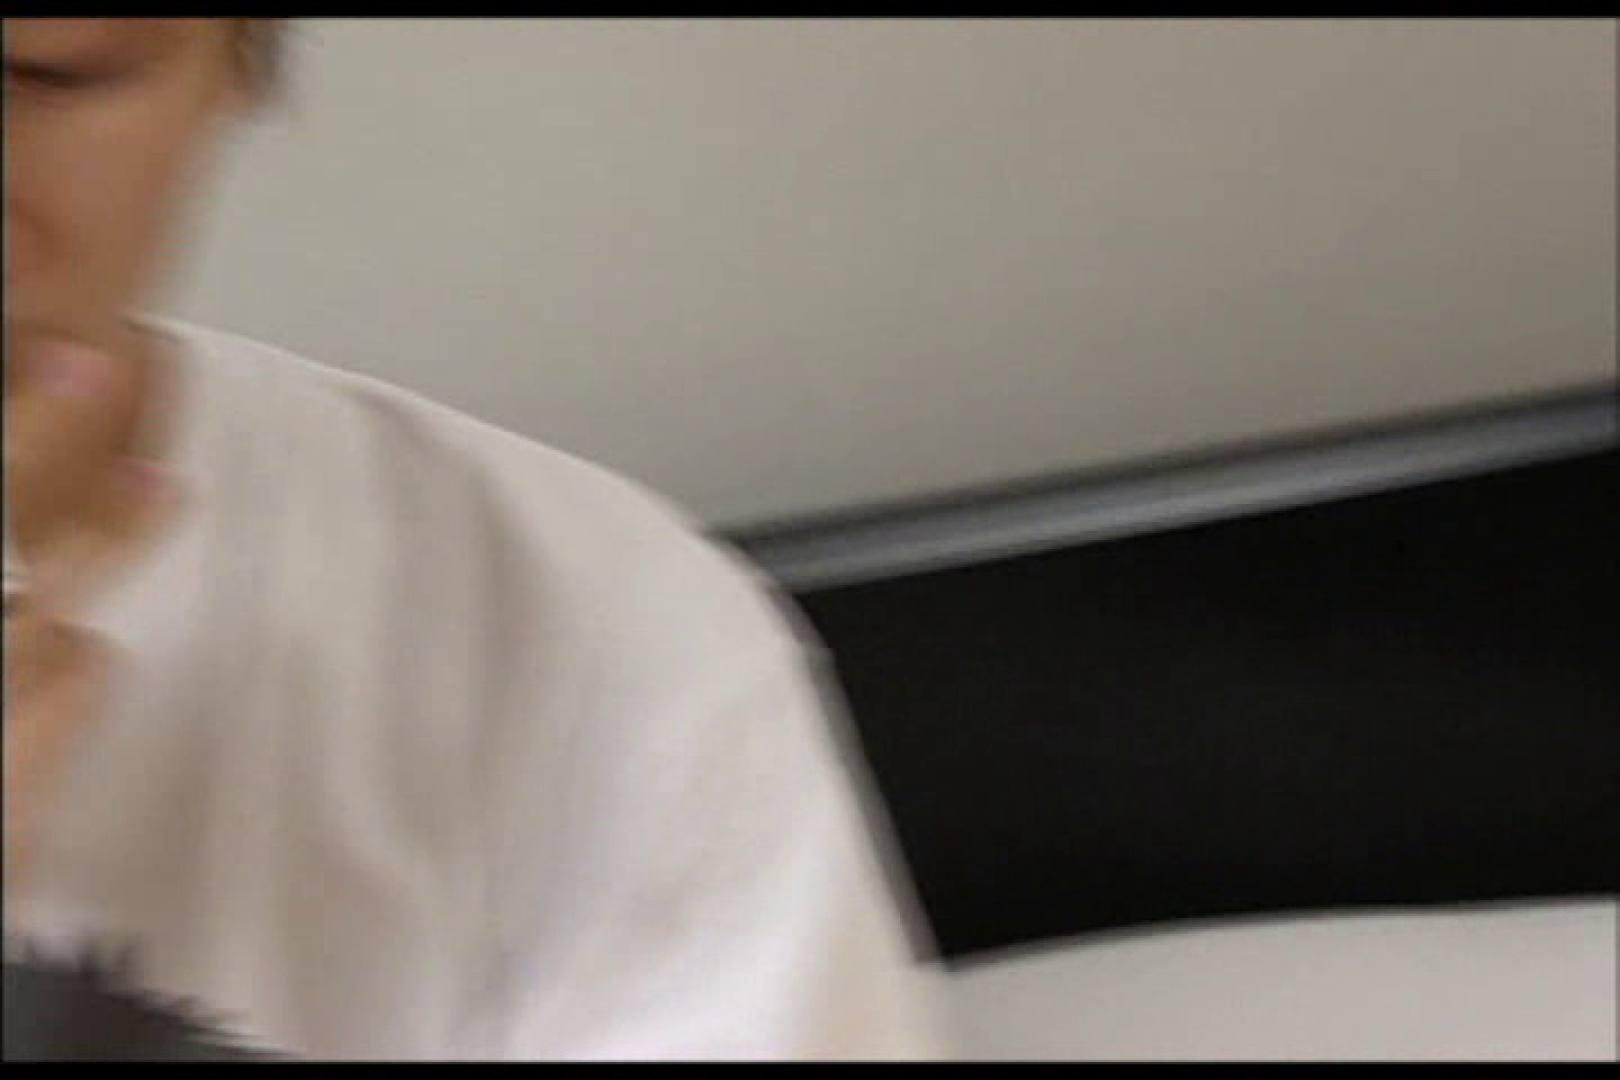 かよわい若者達の性的コミュニケーション(高画質ver)VOL.01 フェラDE絶頂 | 完全無修正でお届け  61pic 2